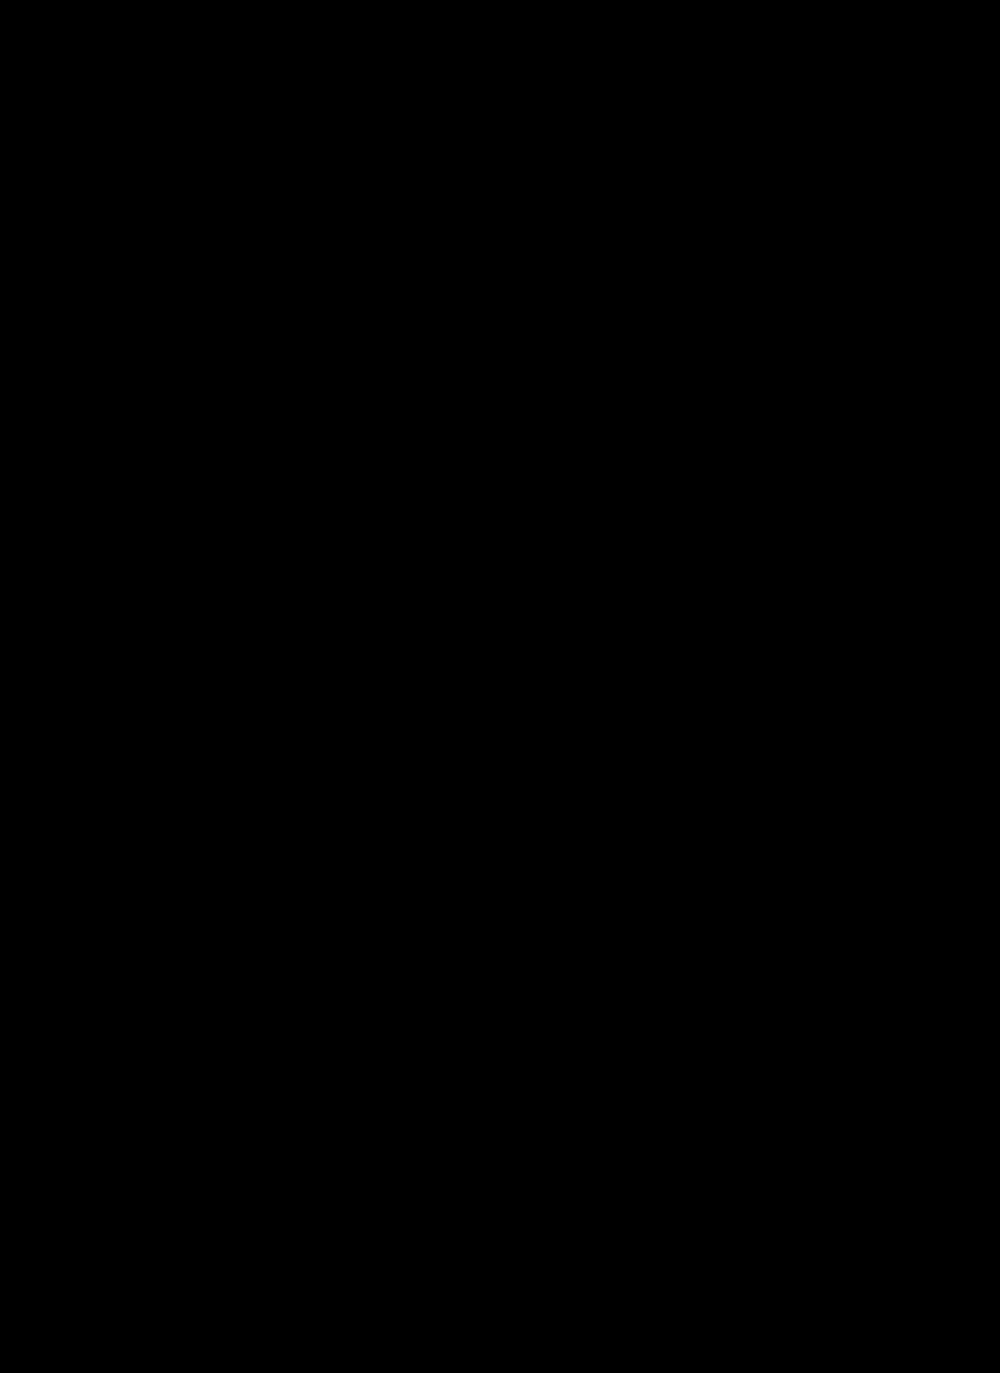 Porn meaning in urdu